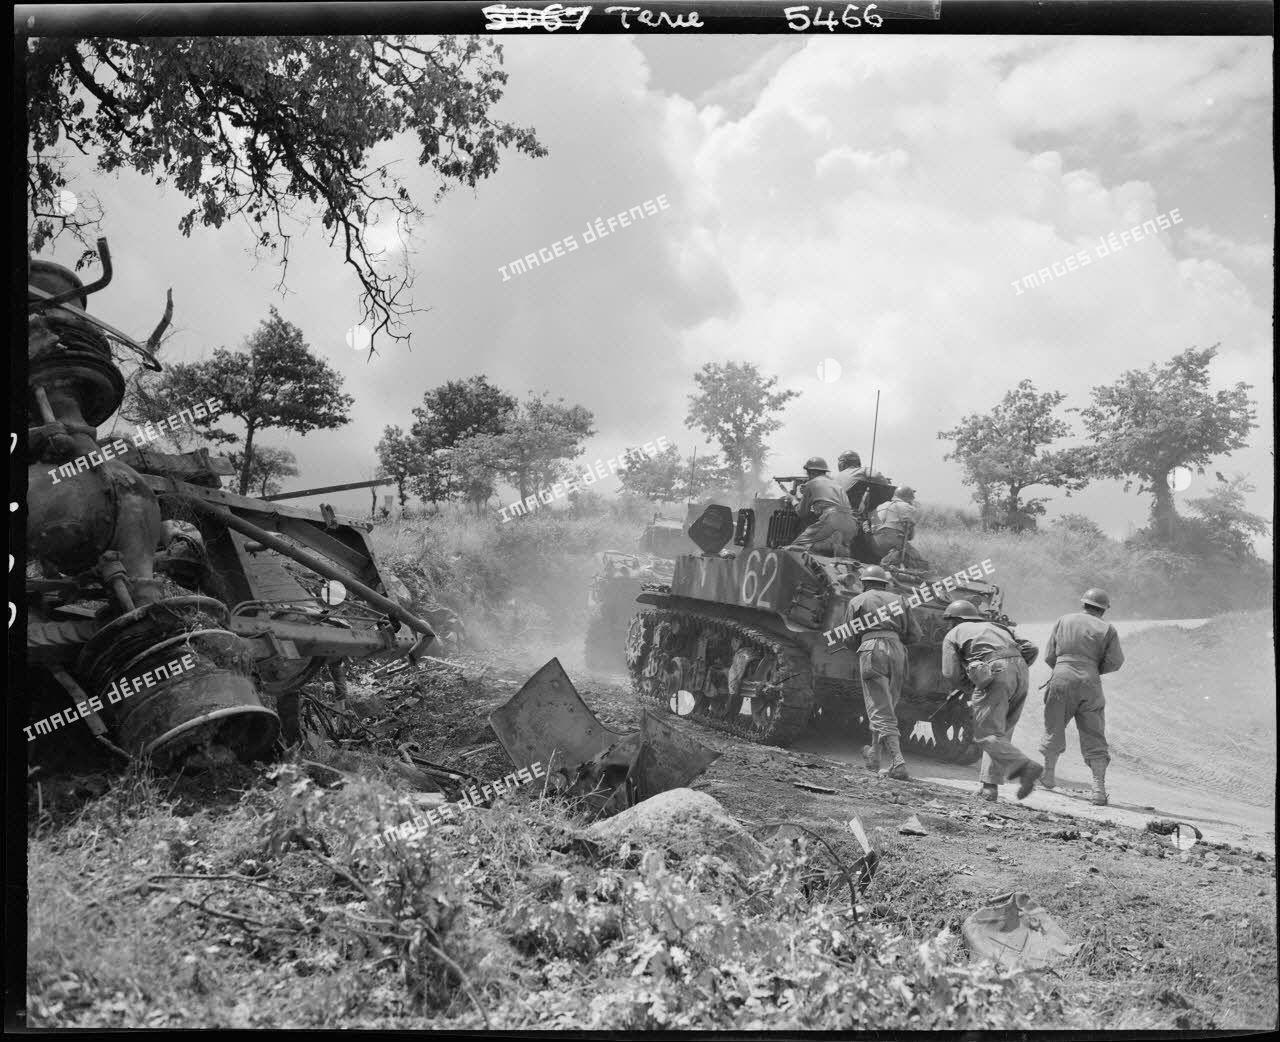 Des chars légers Stuart M5 du 1er escadron du 3e régiment de spahis marocains (RSM), qui font partie d'un des pelotons du détachement blindé de la 2e division d'infanterie marocaine (DIM), sont engagés dans la poursuite des combats vers Sienne.